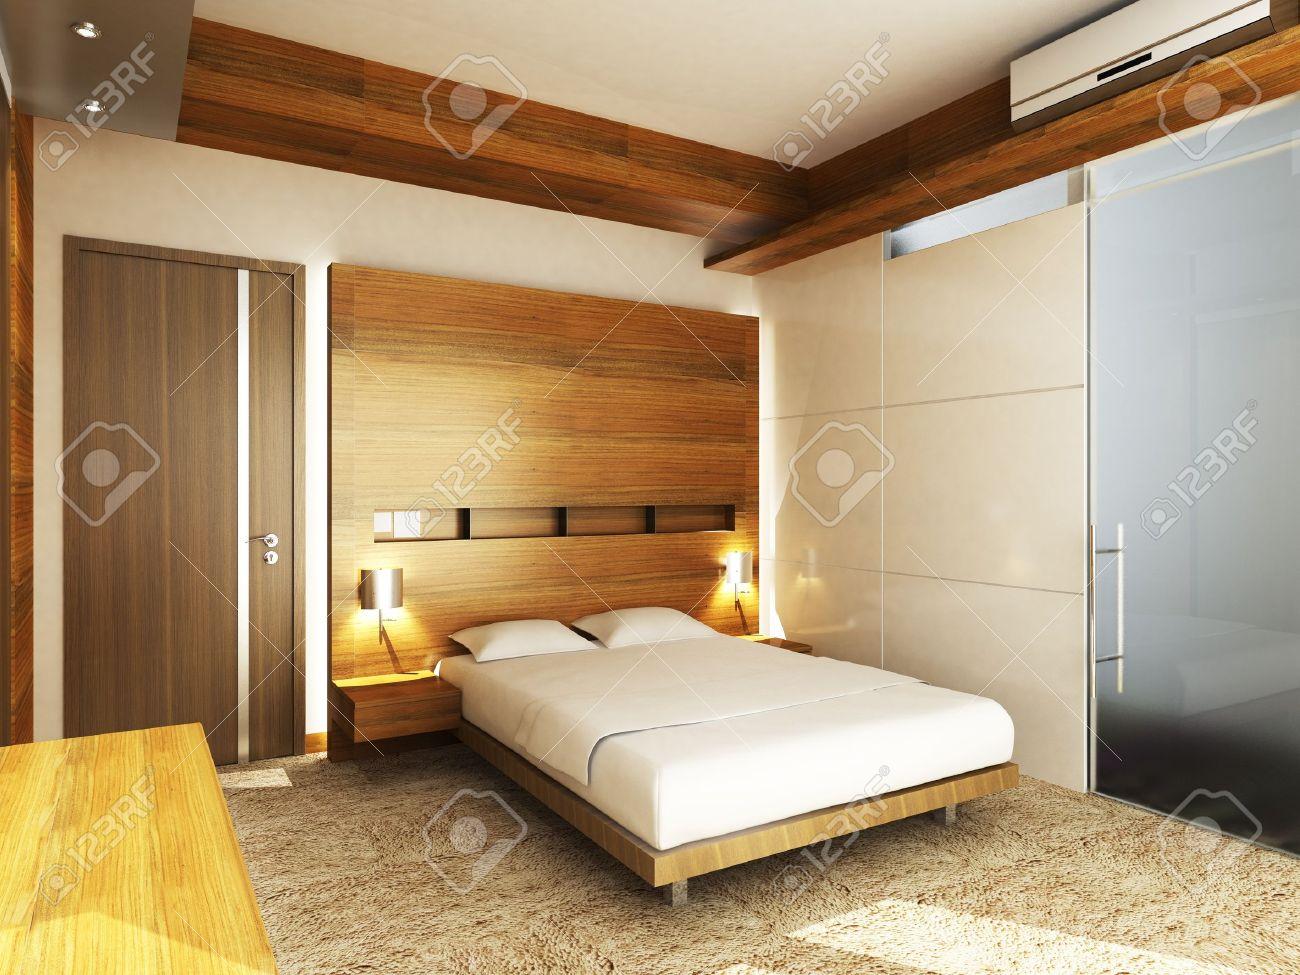 Chambre à Coucher Moderne Dans Un Style Minimaliste Banque D ...